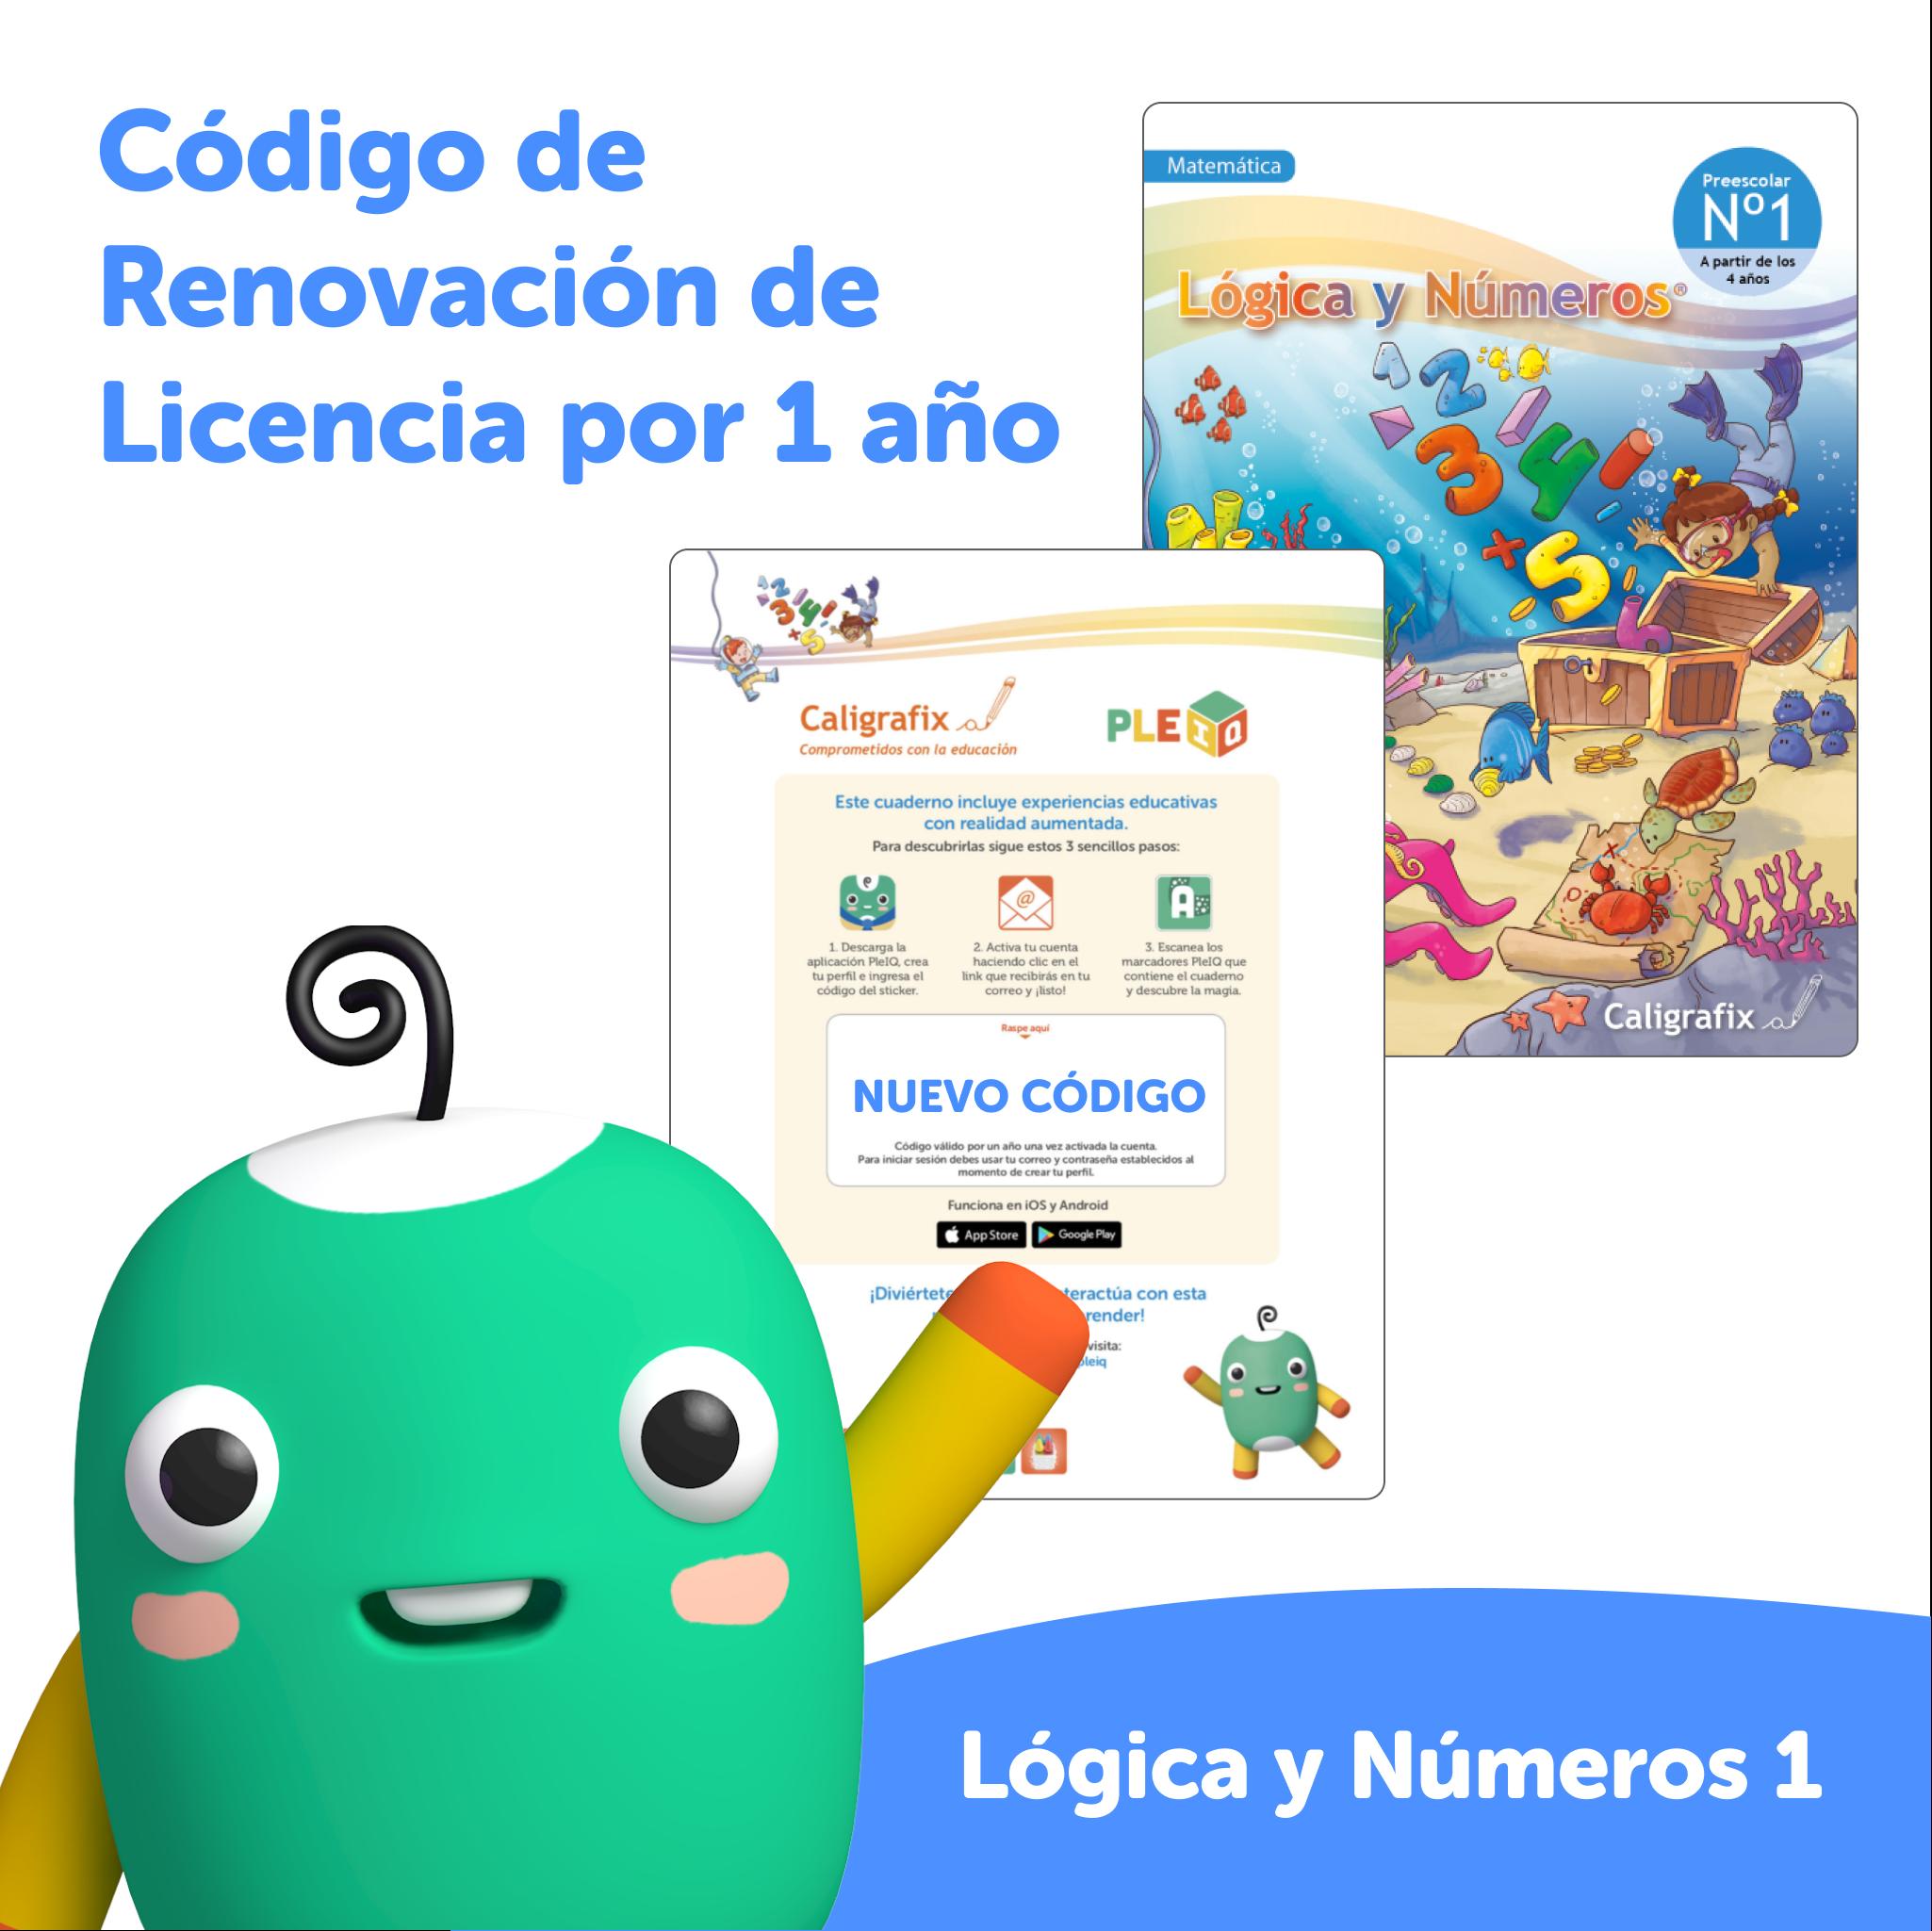 Código de renovación - Licencia Lógica y Números 1